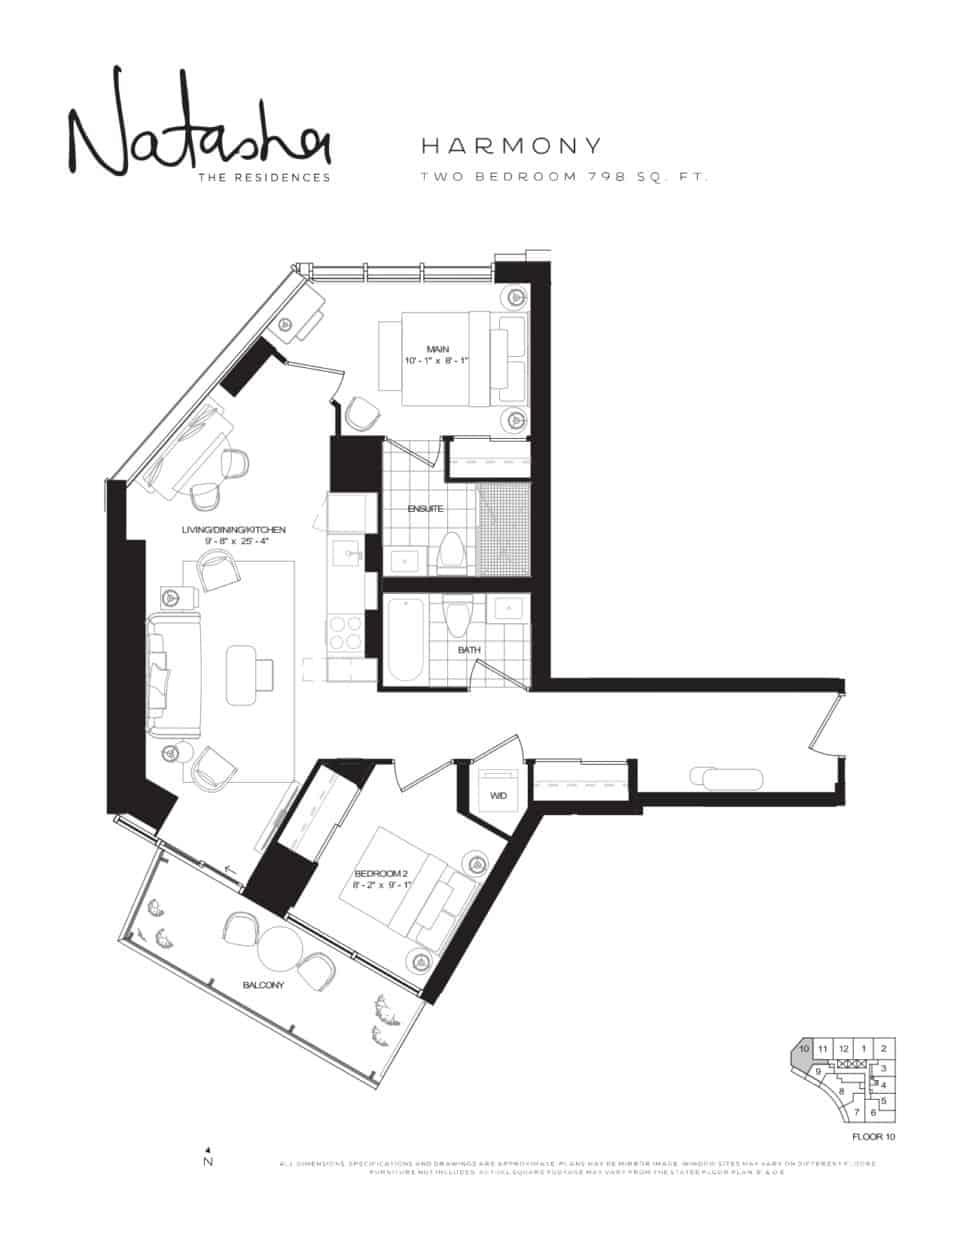 2021 09 02 11 02 19 natashatheresidences lanterradevelopments floorplans harmony